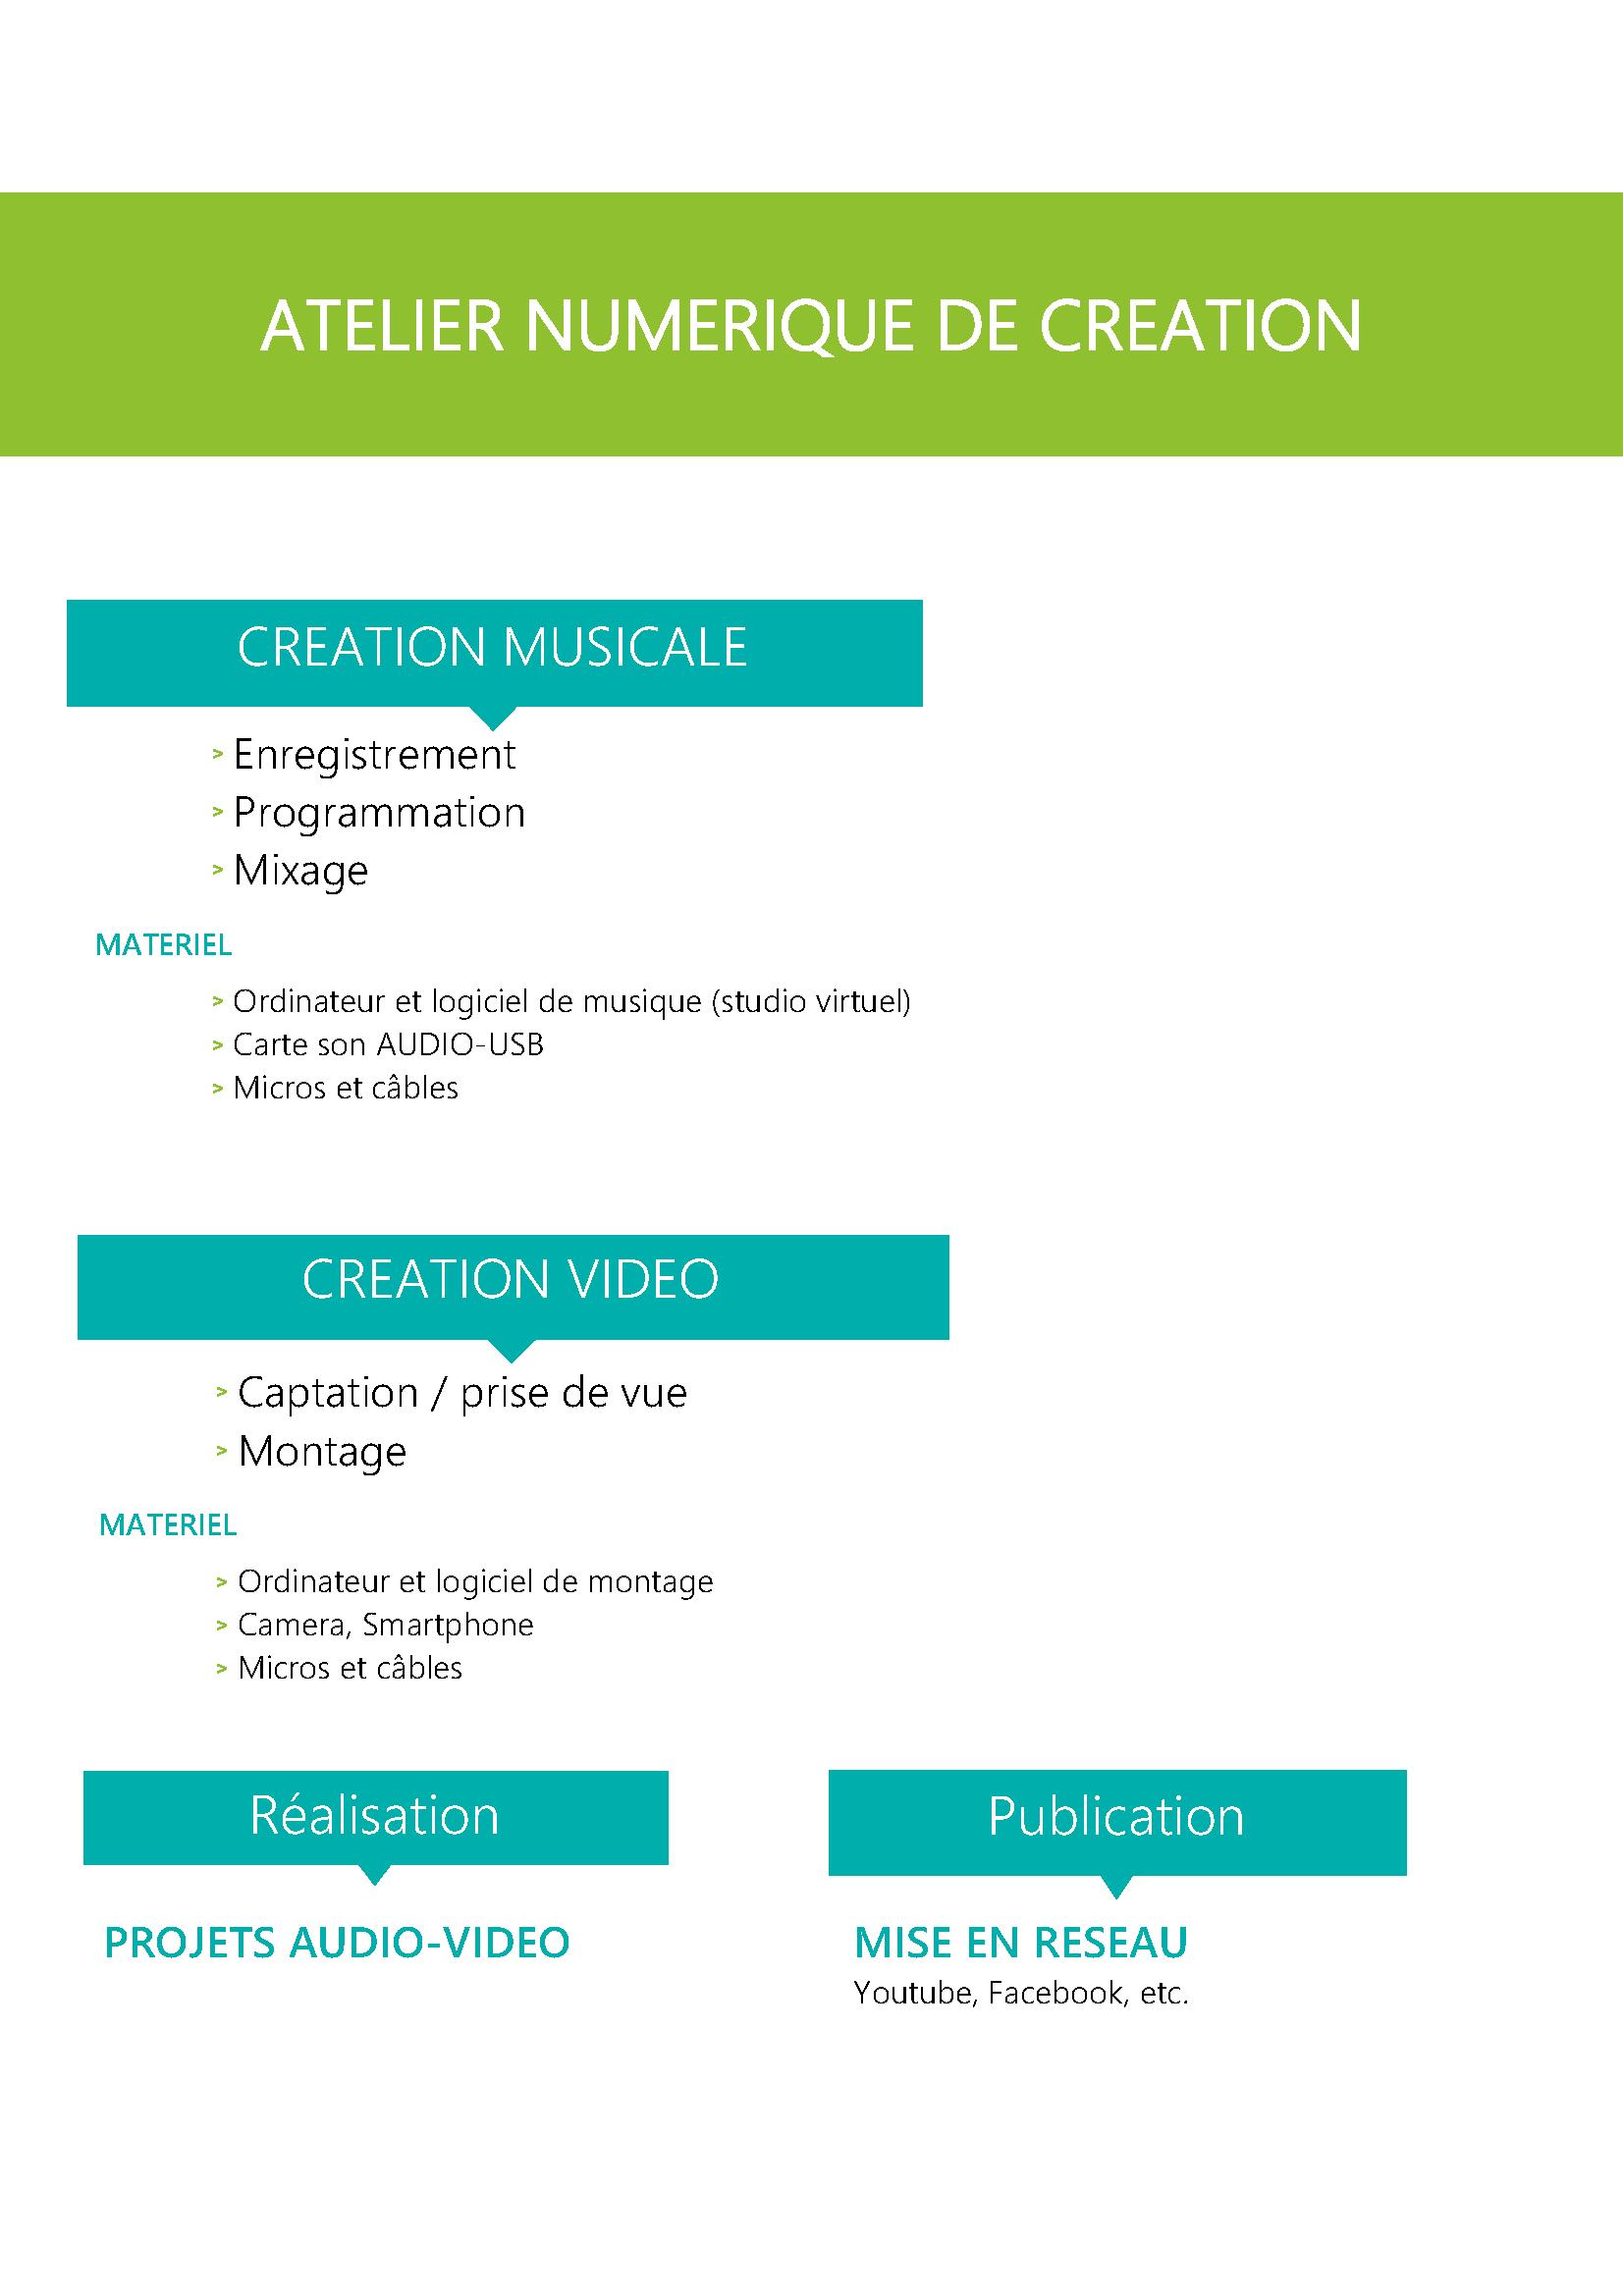 Atelier numérique de création.png